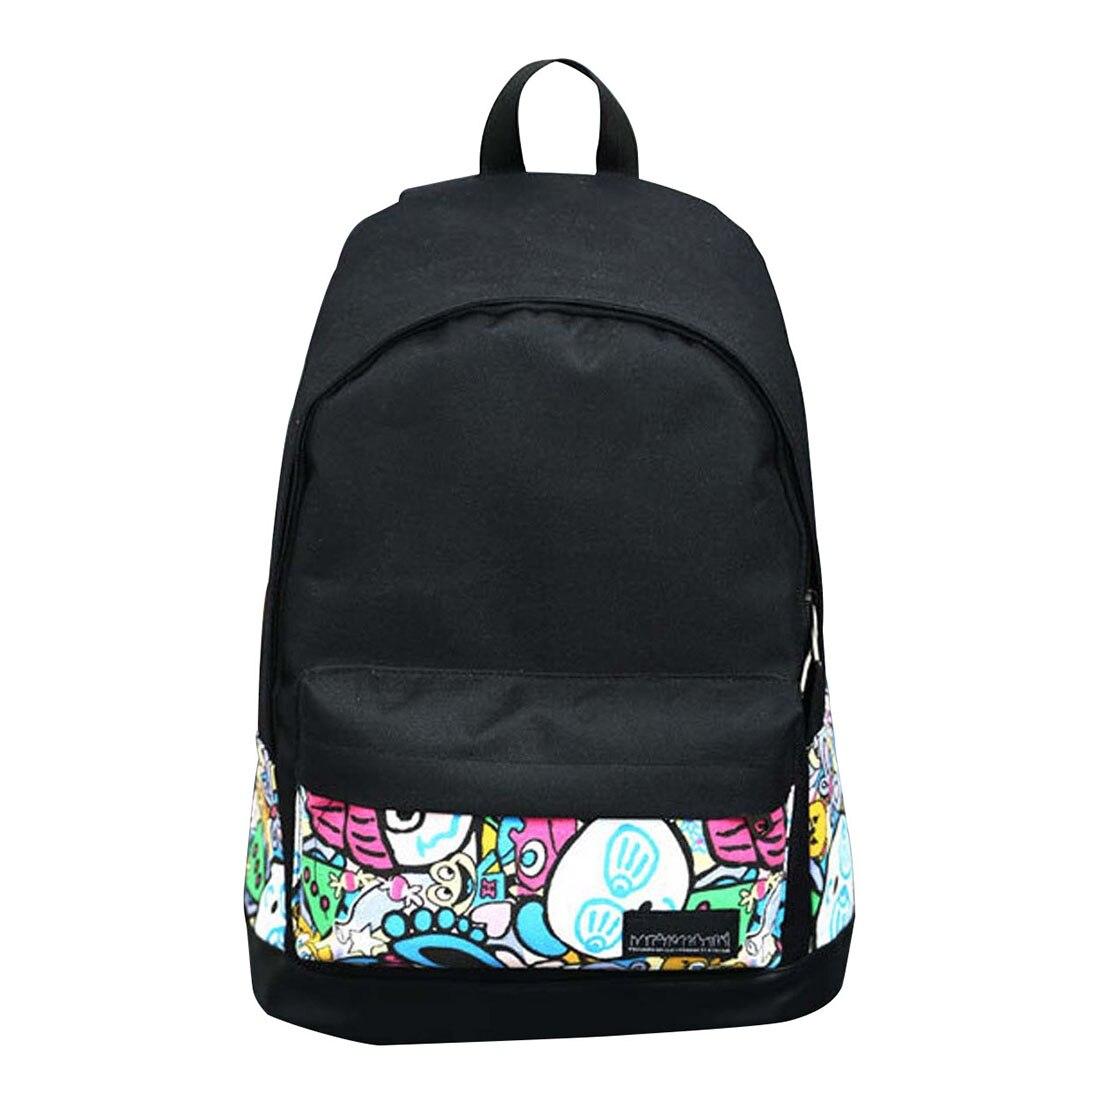 Обувь для девочек Для женщин холст школьная сумка Дорожная Рюкзак сумка рюкзак черный 3